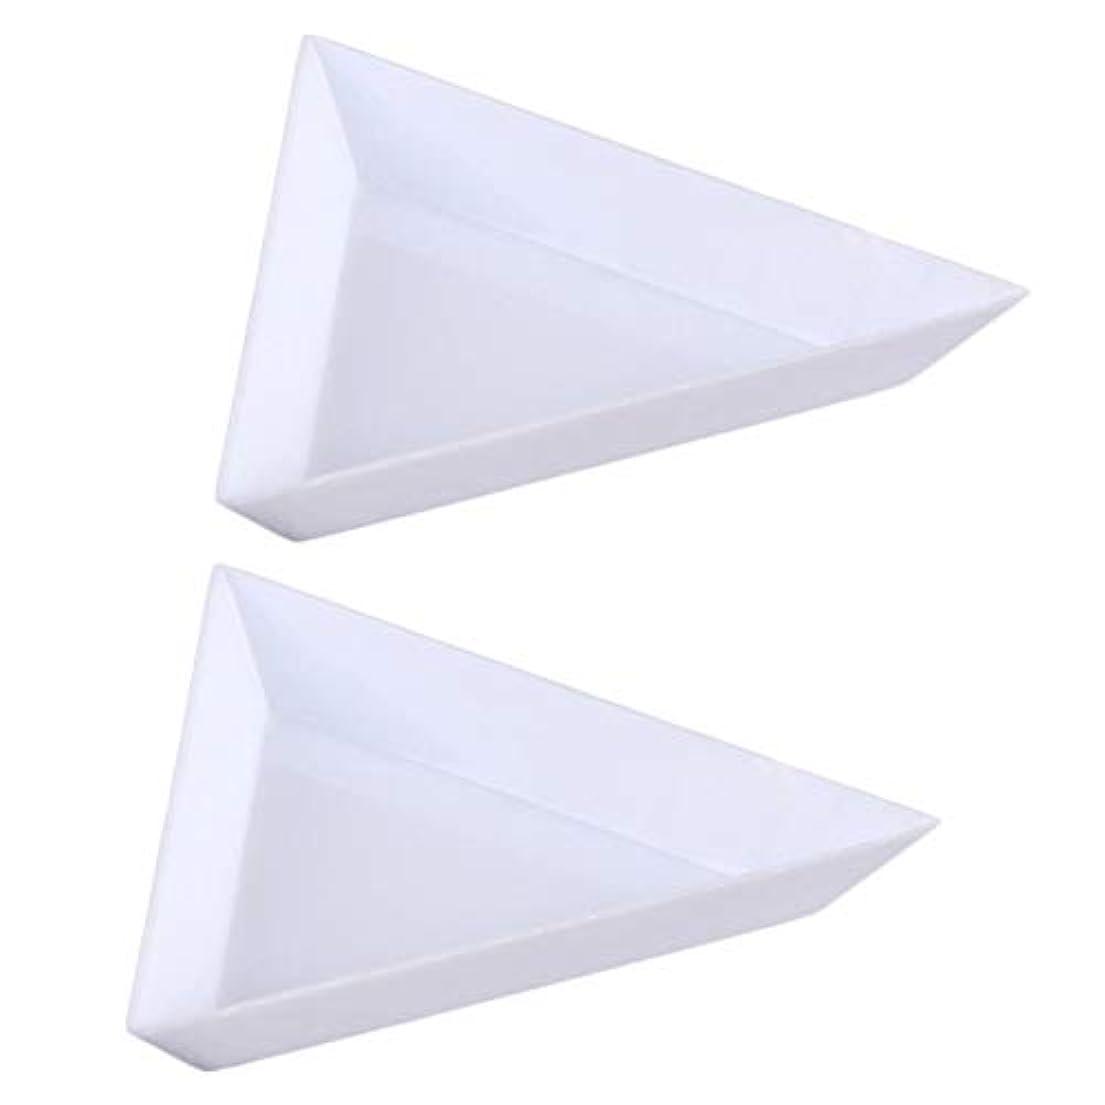 反応する一次アソシエイトSODIAL 10個三角コーナープラスチックラインストーンビーズ 結晶 ネイルアートソーティングトレイアクセサリー白 DiyネイルアートデコレーションDotting収納トレイ オーガニゼーションに最適